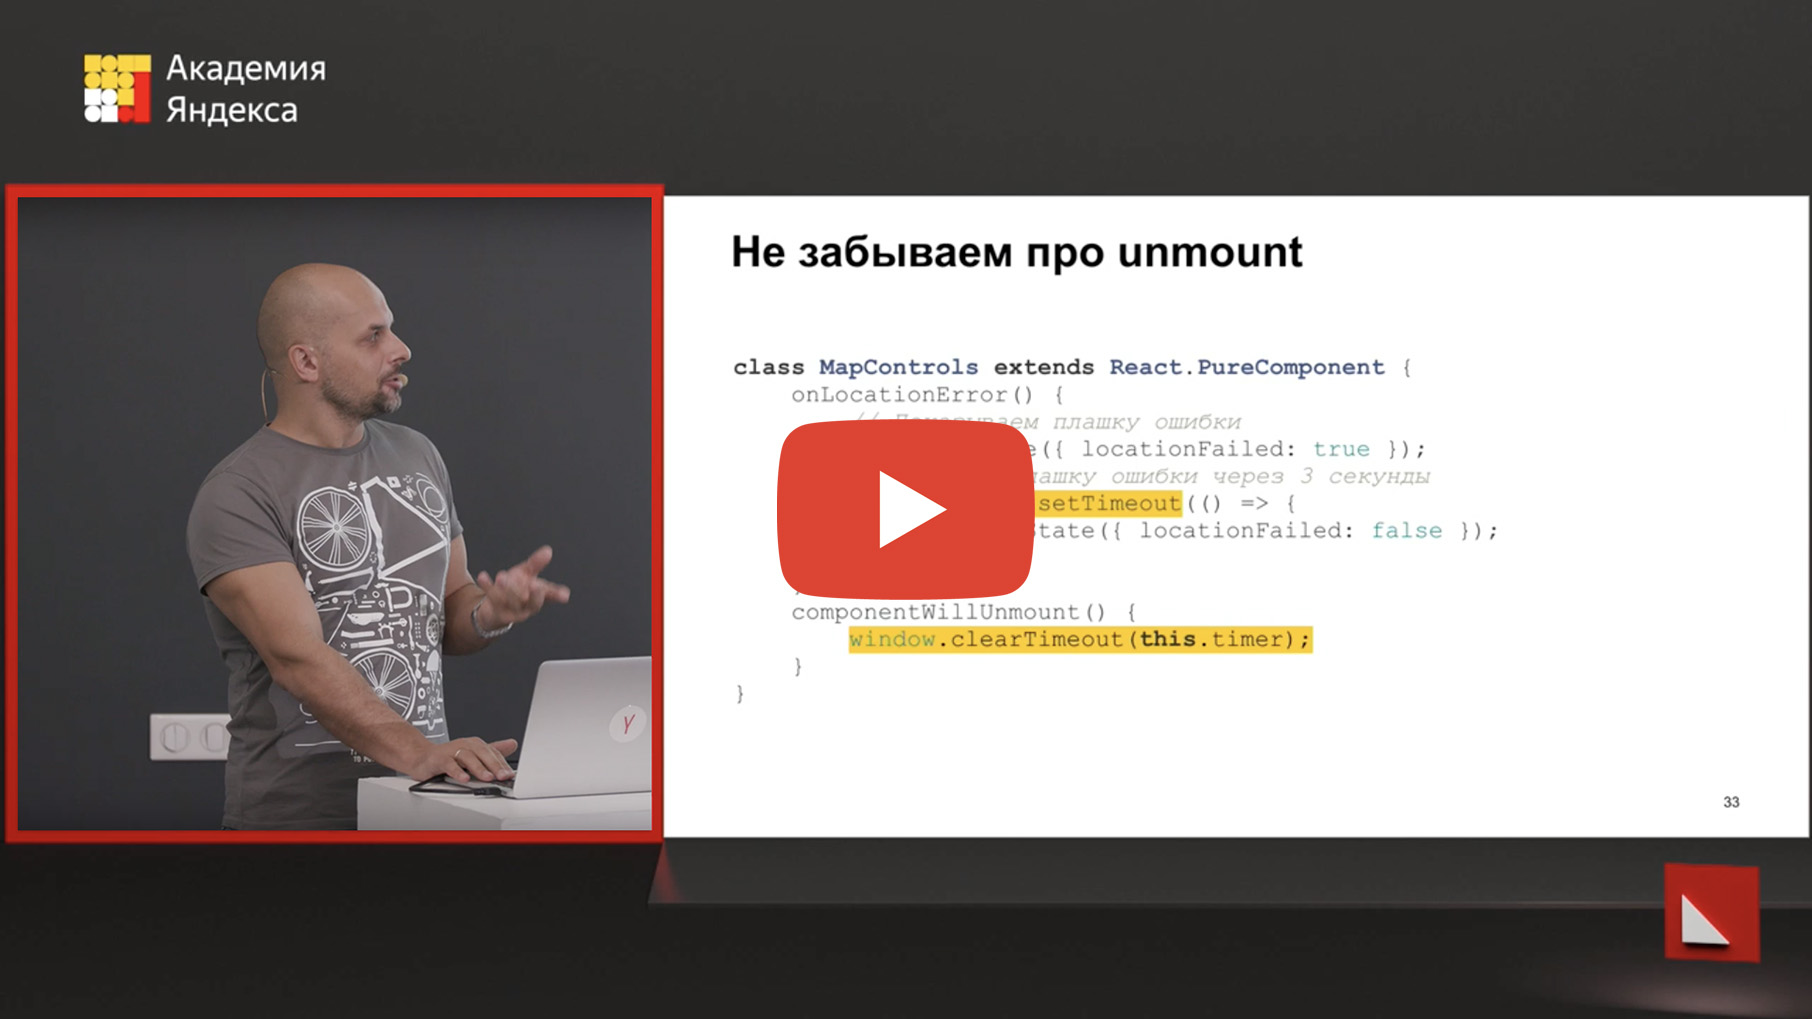 Тяжёлое бремя времени. Доклад Яндекса отипичных ошибках вработе современем